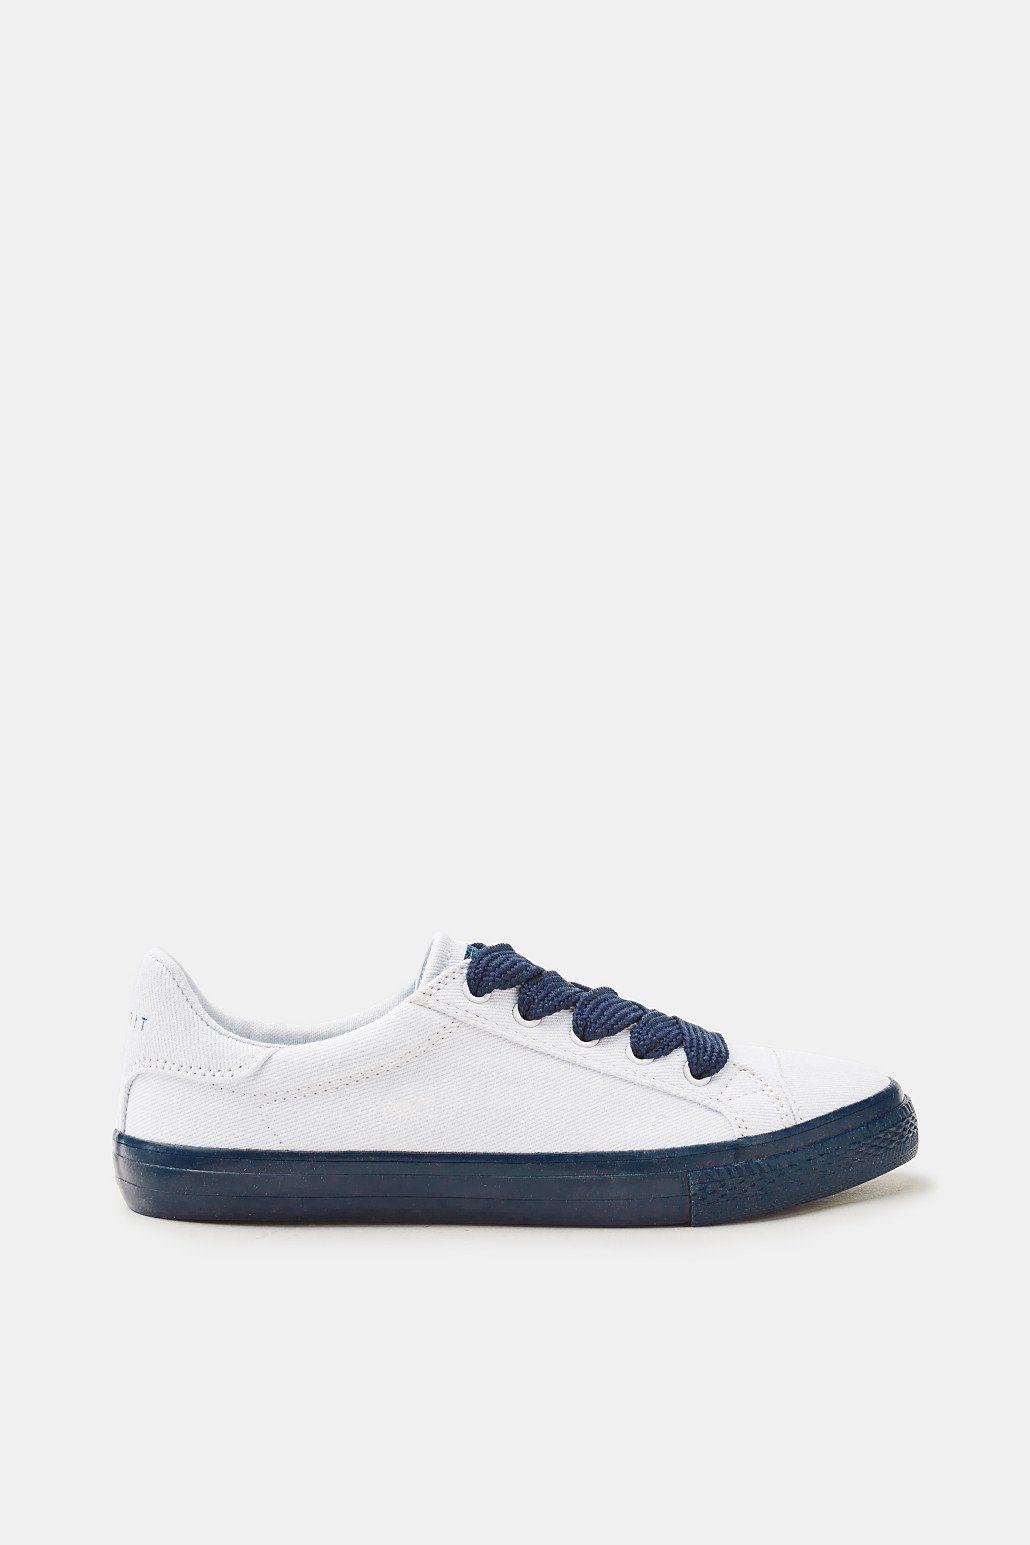 ESPRIT Canvas-Sneaker mit breiten Web-Schnürbändern online kaufen  NAVY